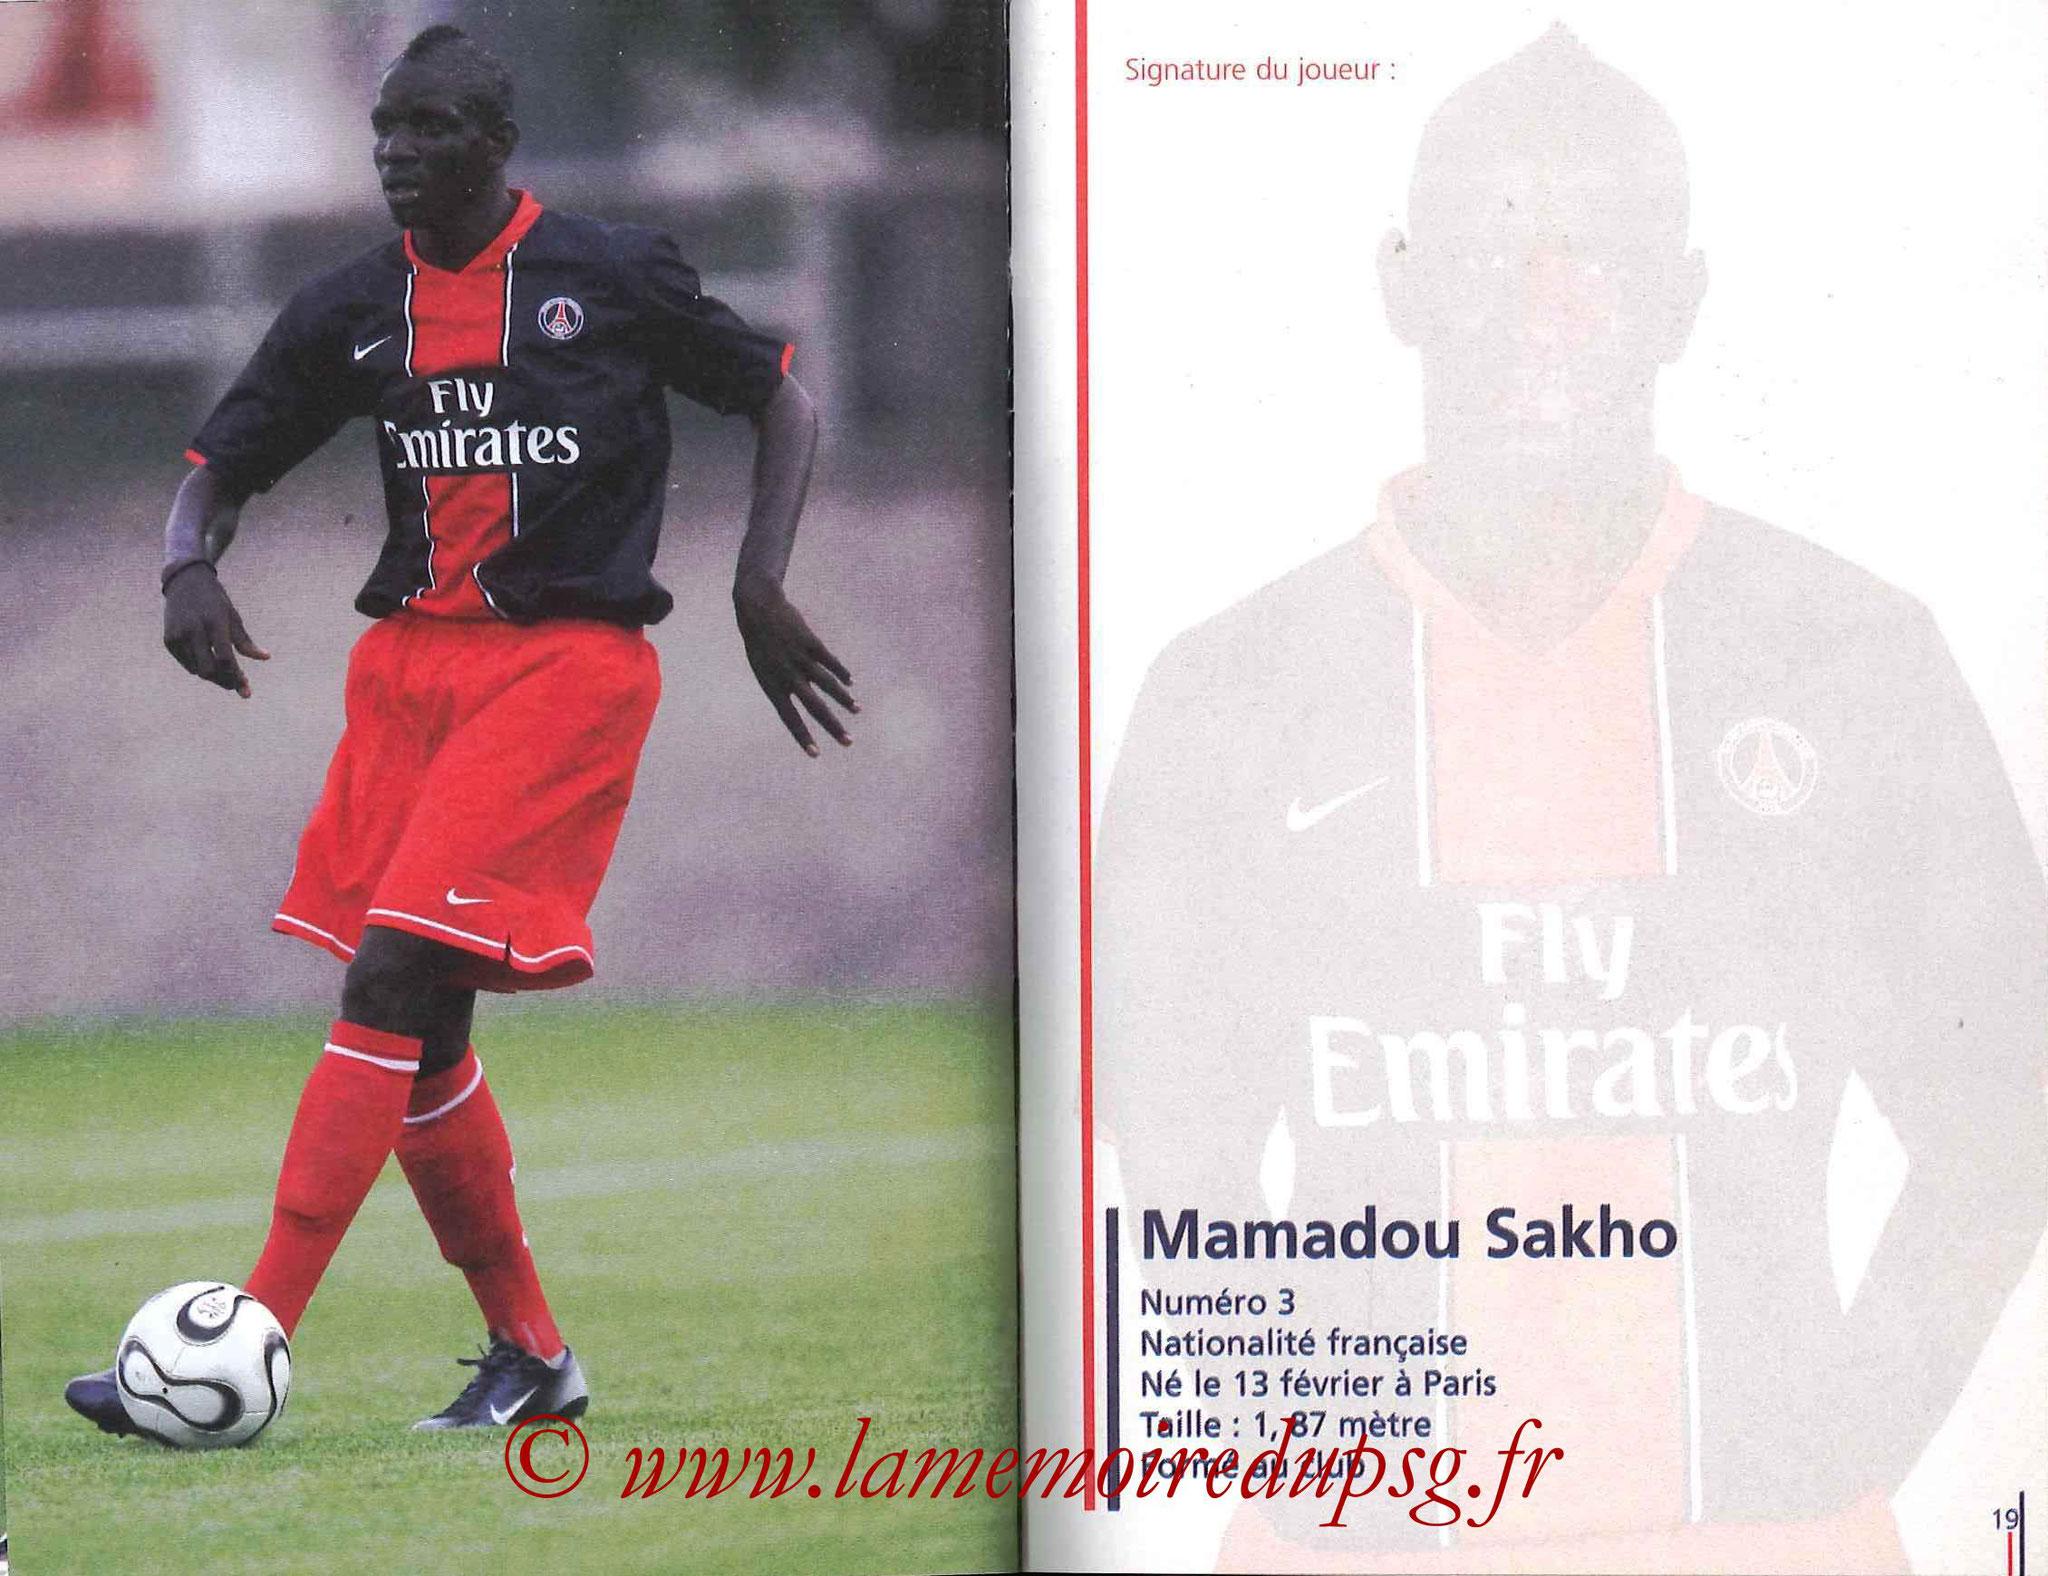 2007-08 - Guide de la Saison PSG - Pages 18 et 19 - Mamadou SAKHO